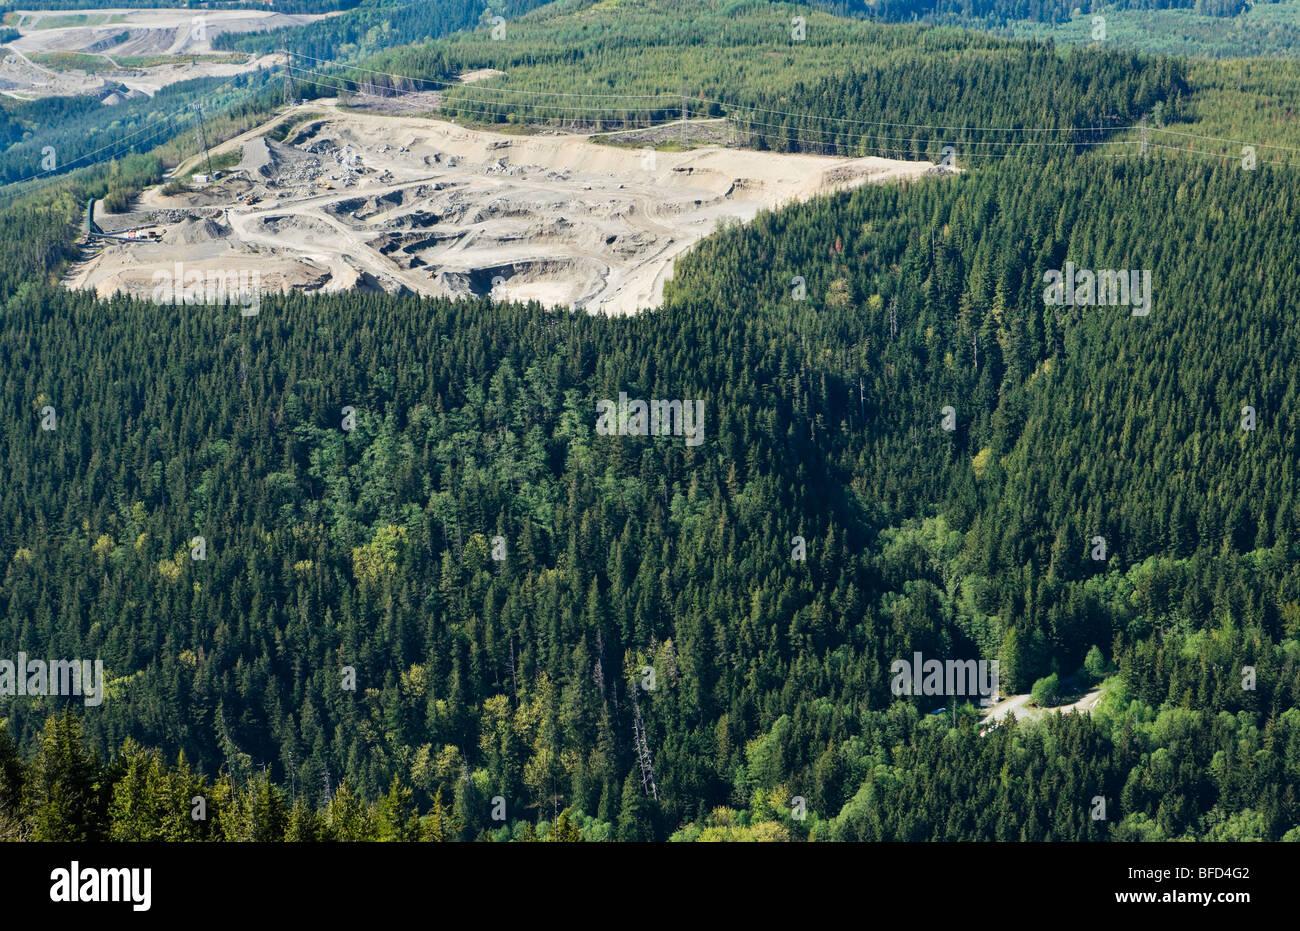 Una vista guardando verso il basso su una cava di ghiaia appena ad est di Northbend, Washington in Cascade Mountain Immagini Stock